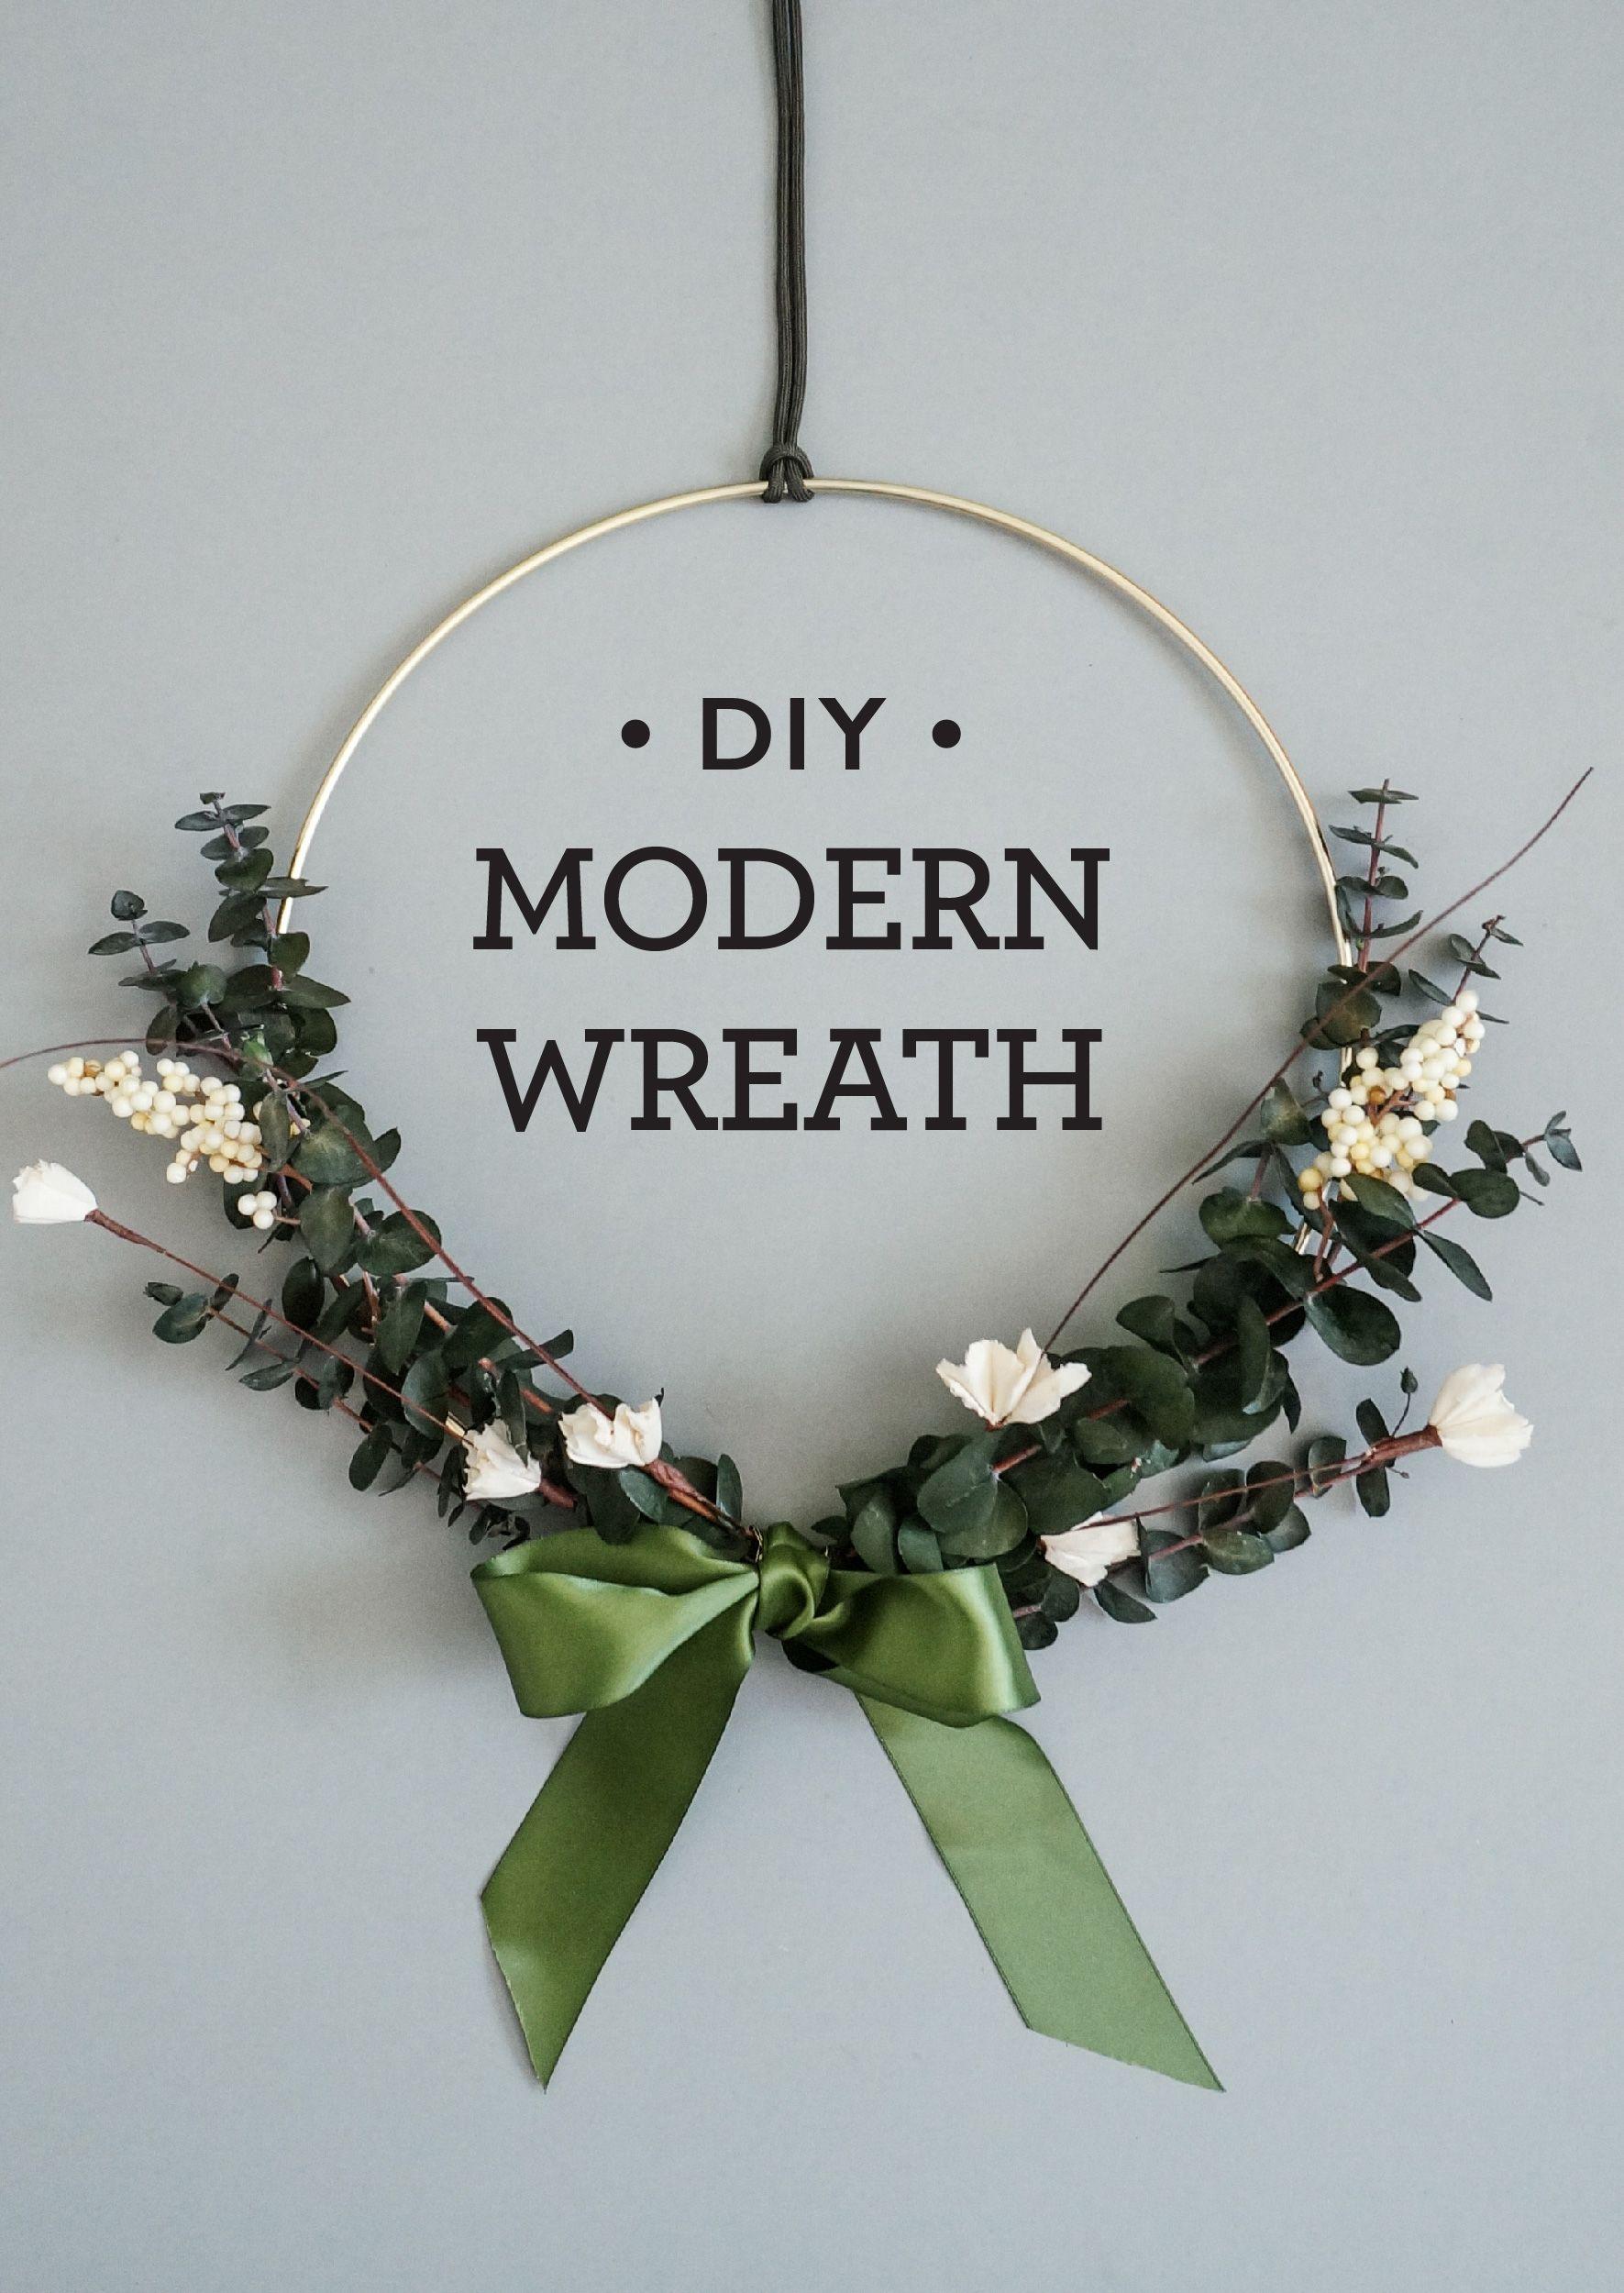 DIY Modern Wreath Helpful Tips